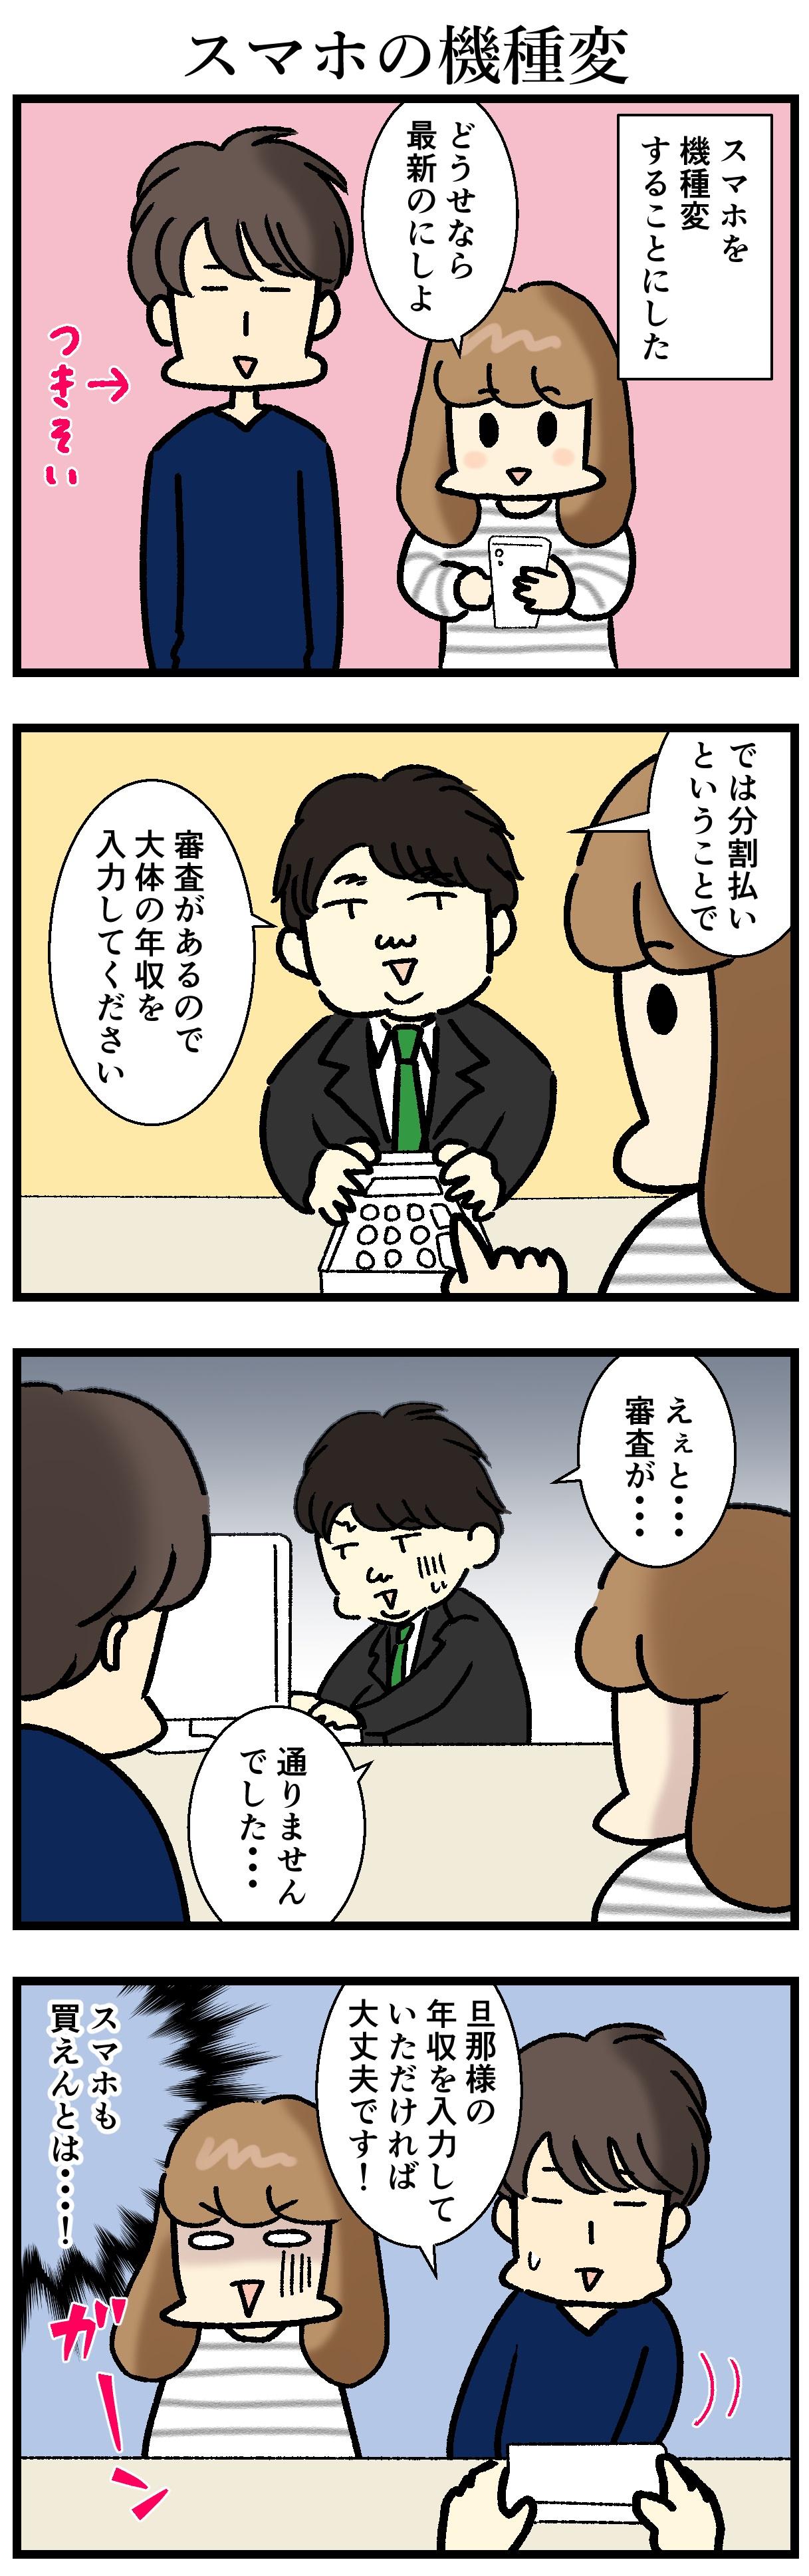 【エッセイ漫画】アラサー主婦くま子のふがいない日常(106)